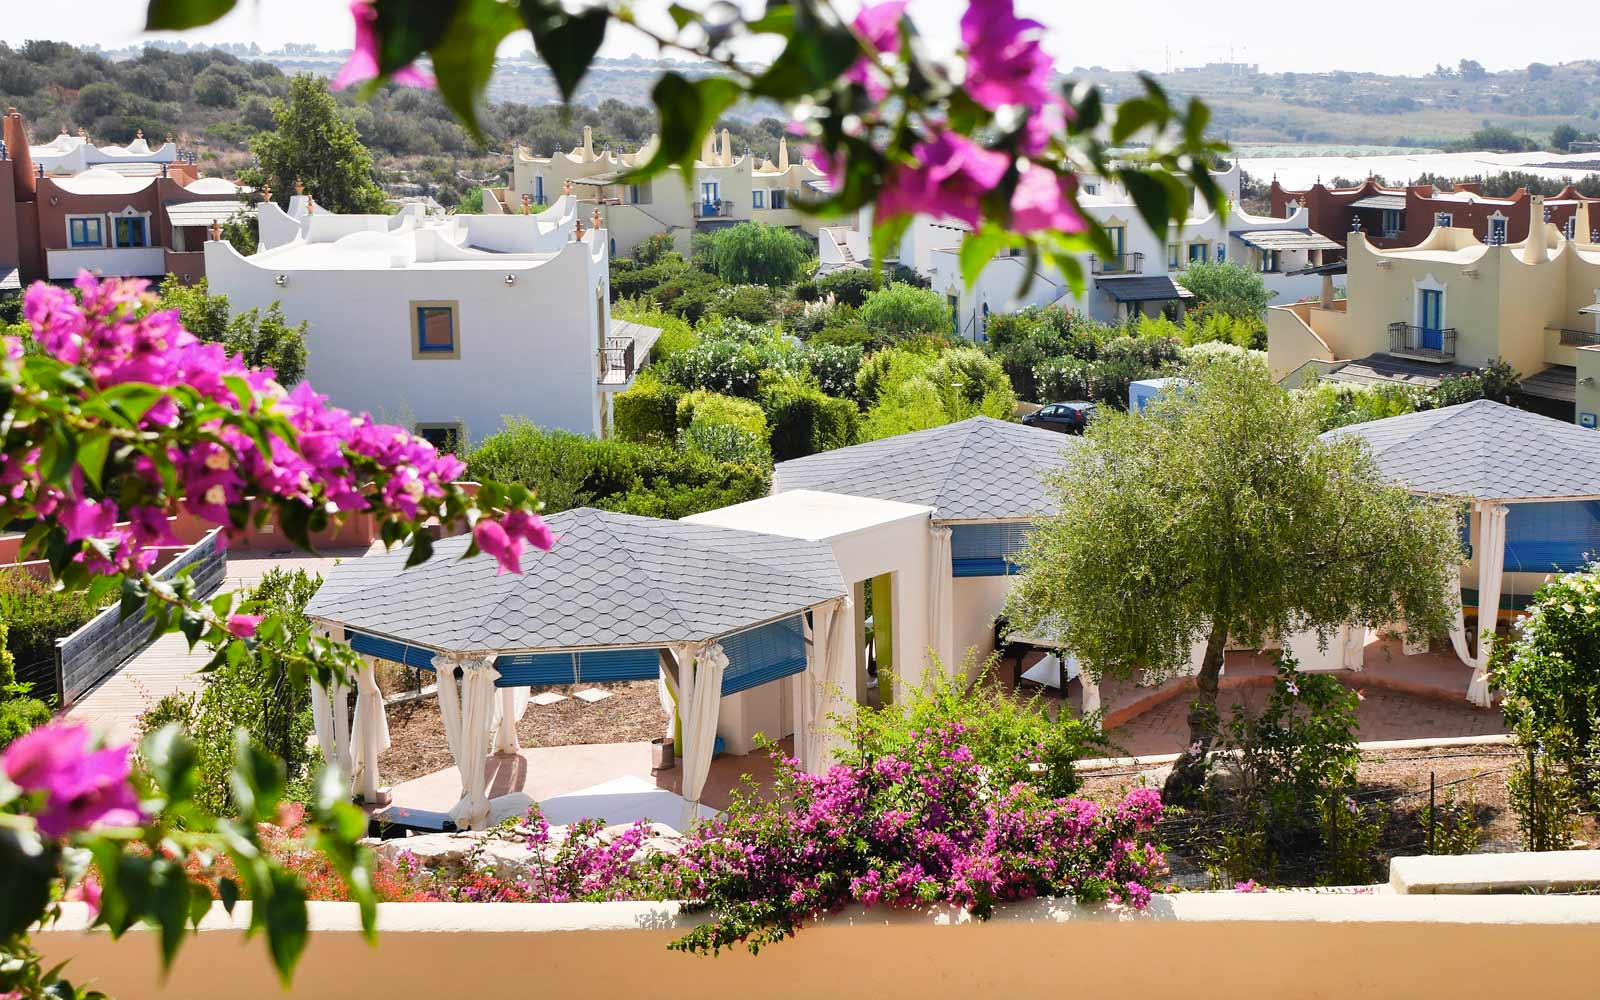 Voi Marsa Sicla' Resort Panoramic View